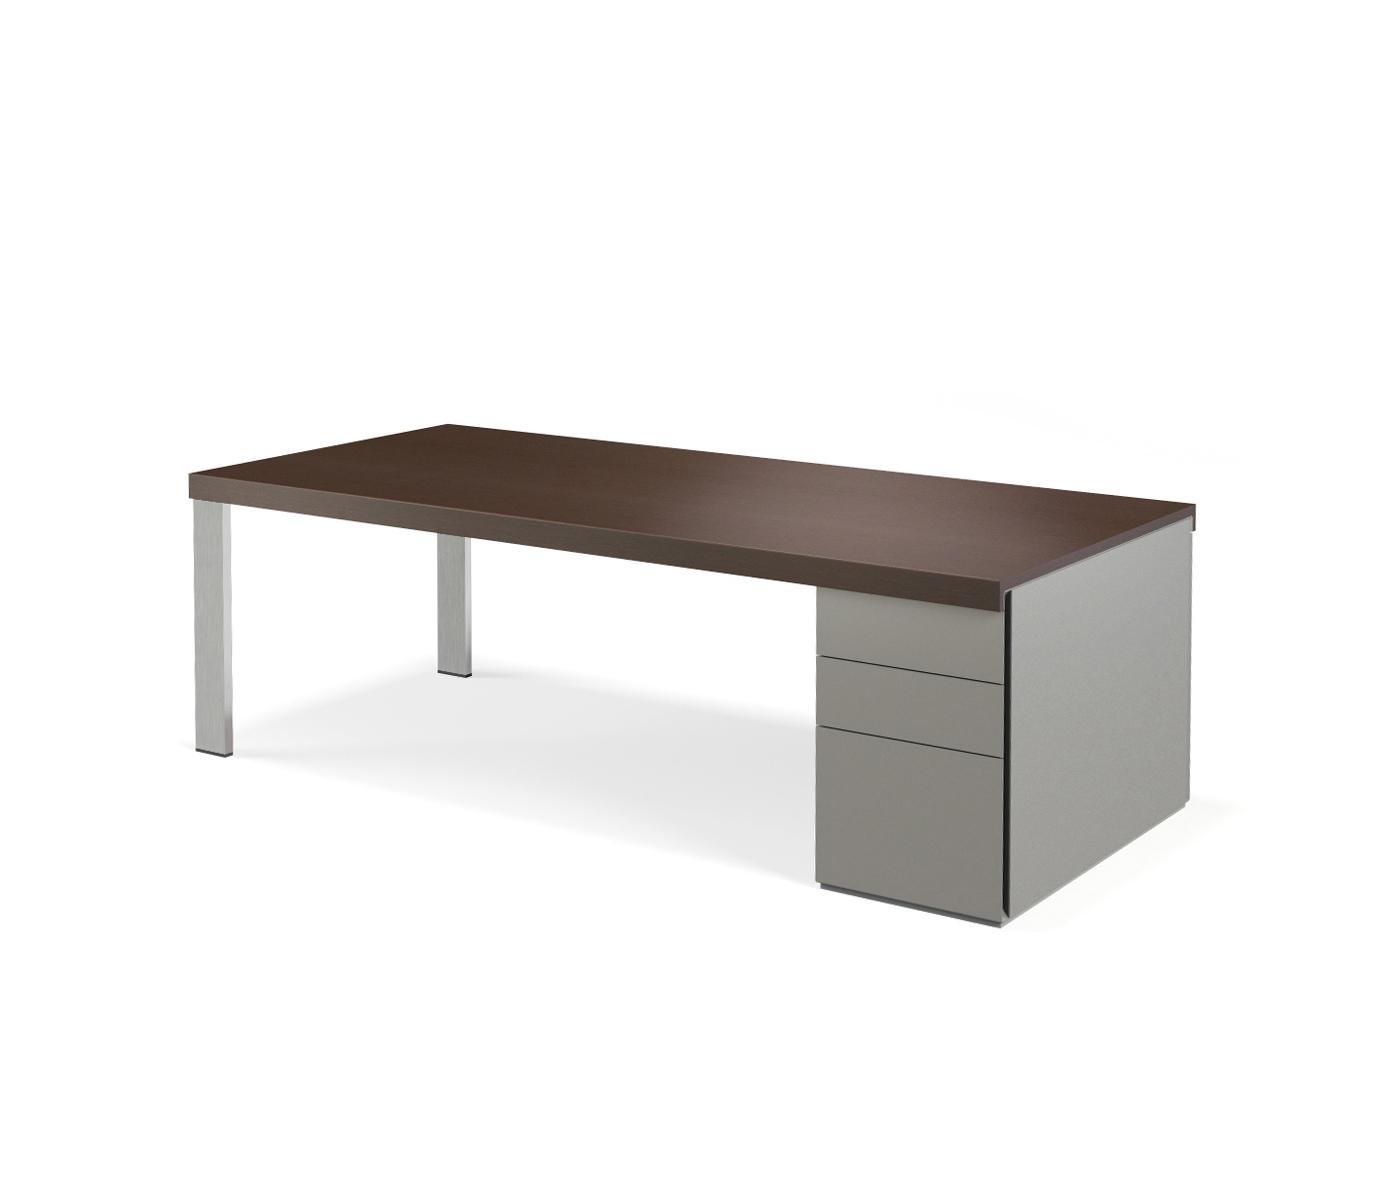 frame lite schreibtisch direktionstische von walter knoll architonic. Black Bedroom Furniture Sets. Home Design Ideas